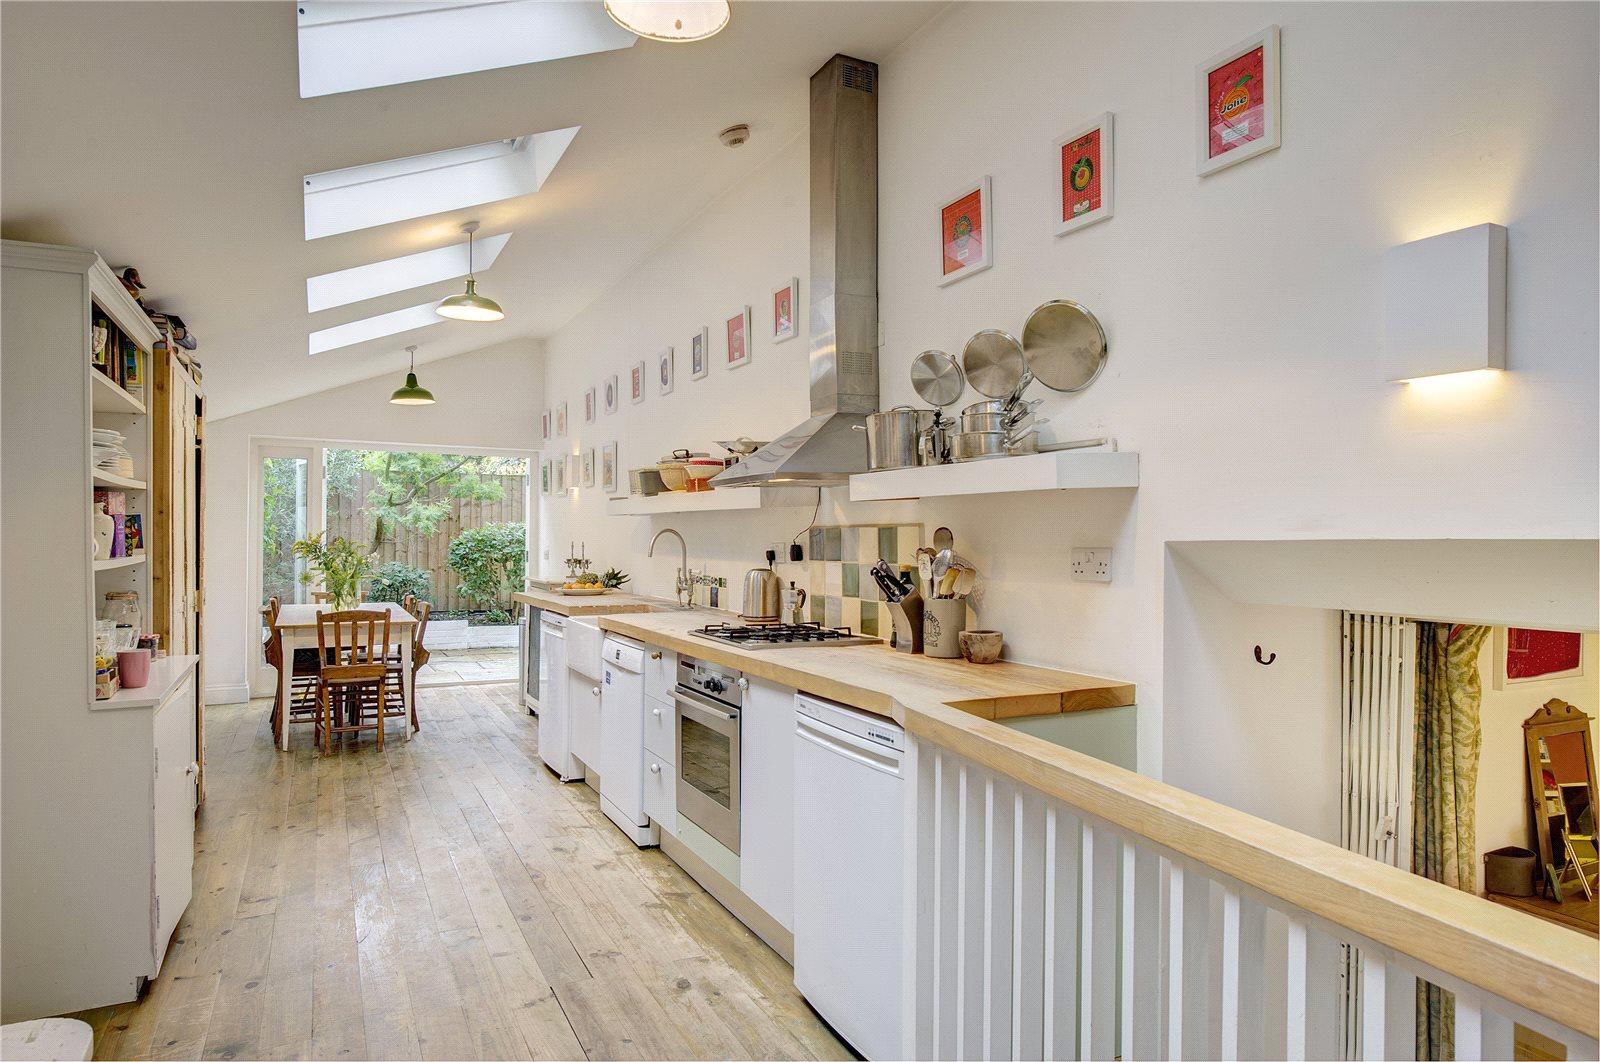 Wohnung für Verkauf beim Powis Gardens, London, W11 London, England